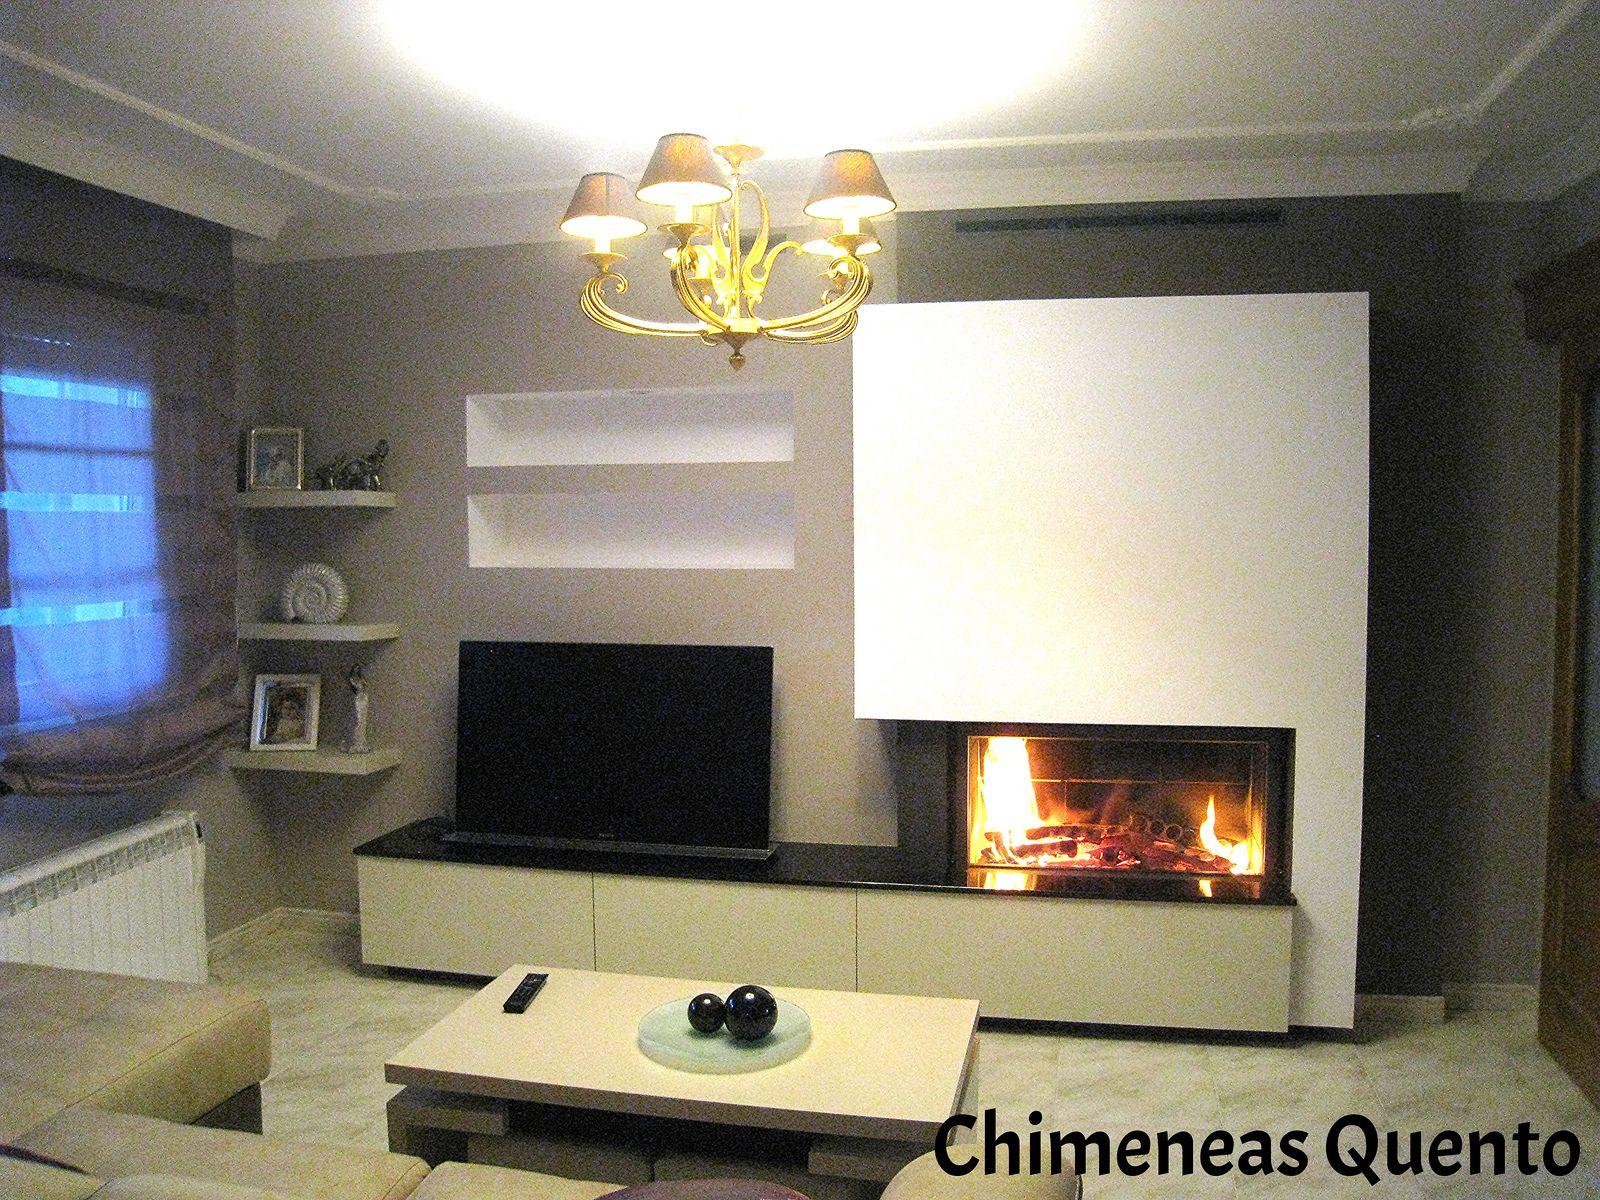 Chimenea quento modelo frions con stuv 21 105 modelo for Chimeneas tradicionales